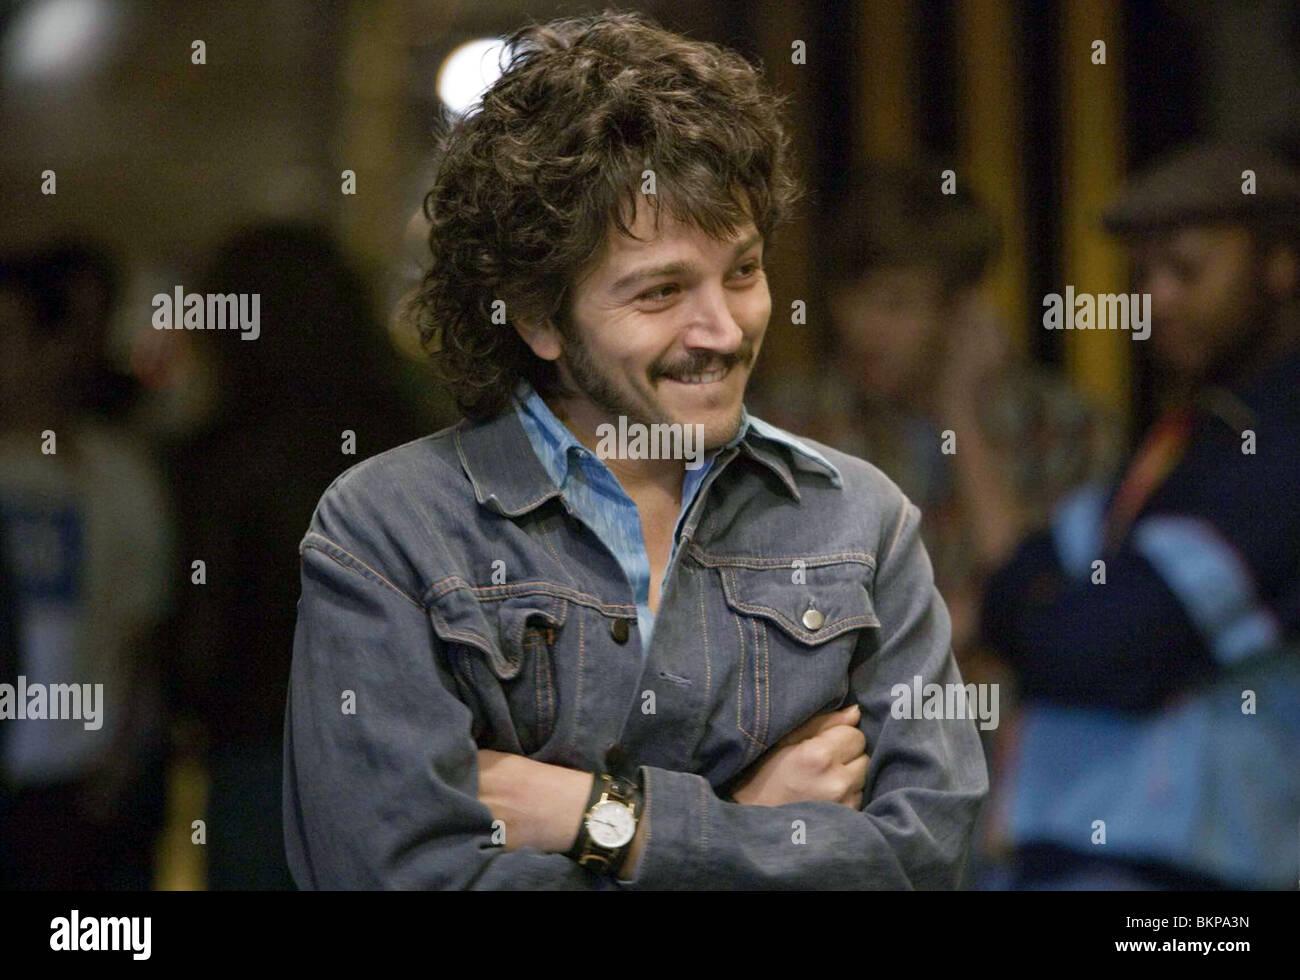 MILK (2008) SEAN PENN GUS VAN SANT (DIR) MK 008 - Stock Image